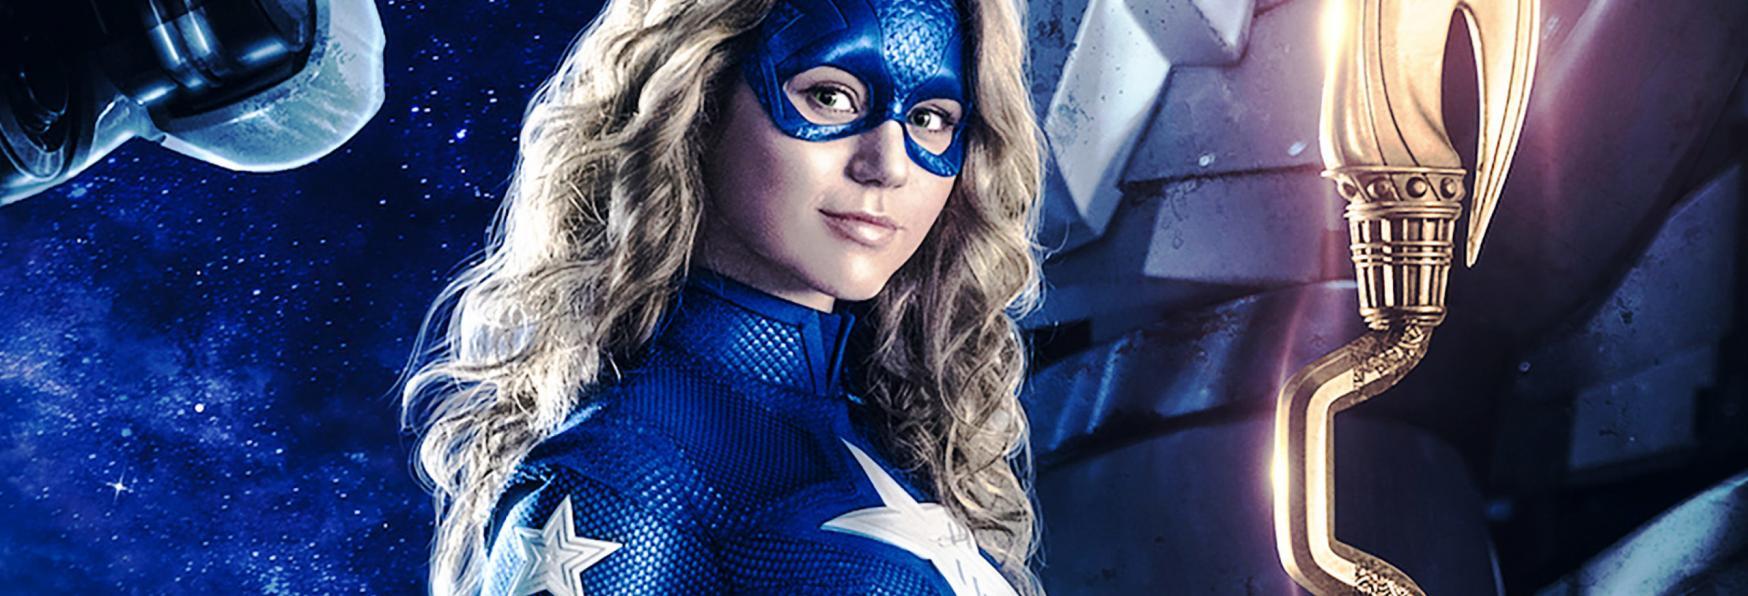 Stargirl: Rilasciato il Trailer Ufficiale della nuova Serie TV di DC Universe